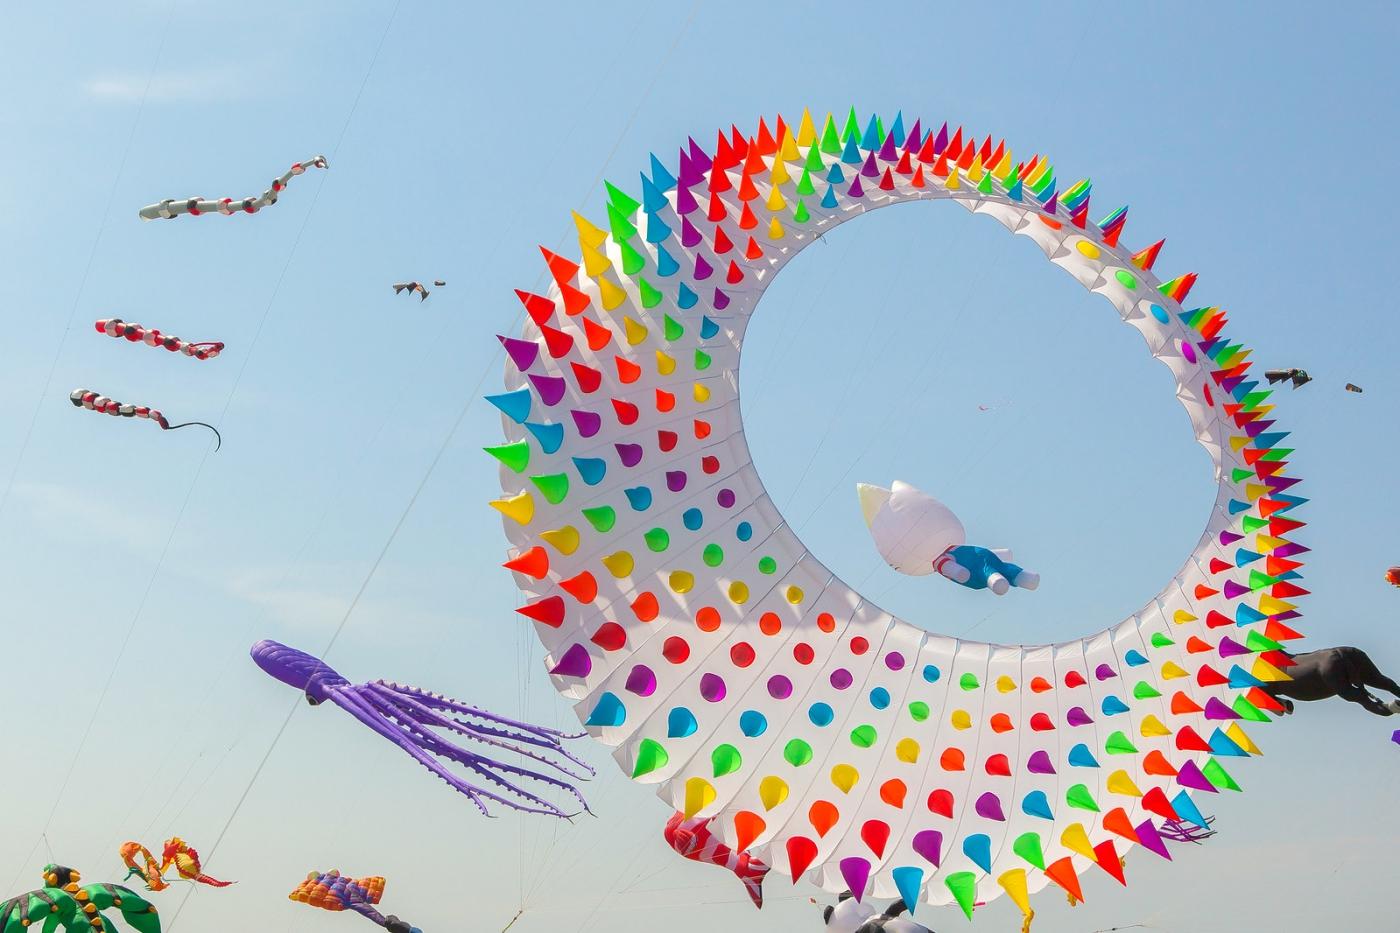 超大的风筝,真是少见_图1-7